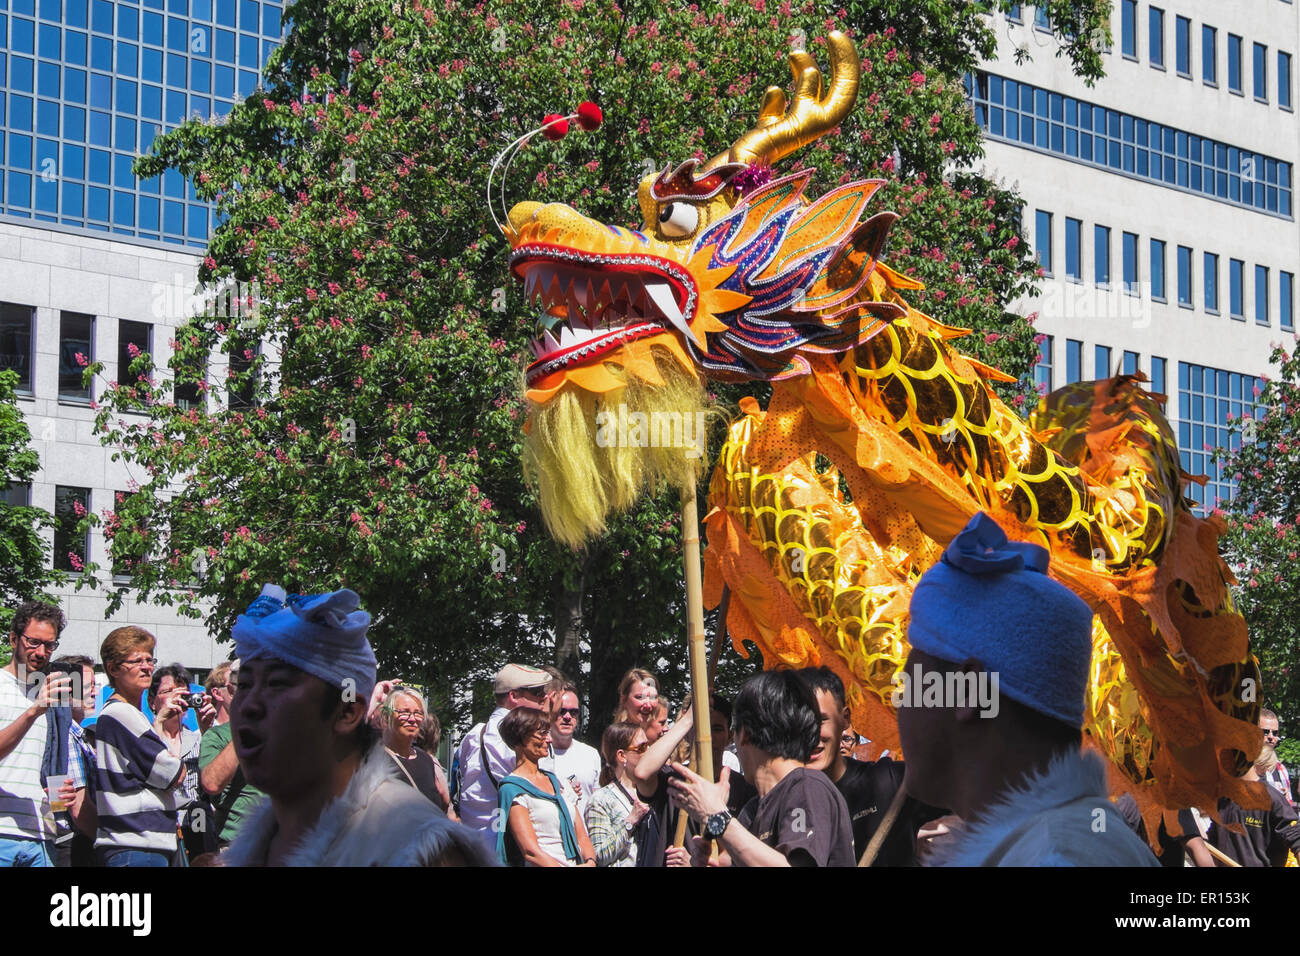 Kreuzberg di Berlino, Germania, 24 maggio 2015. La folla guarda il drago cinese come Berlino celebra la sua diversità Immagini Stock